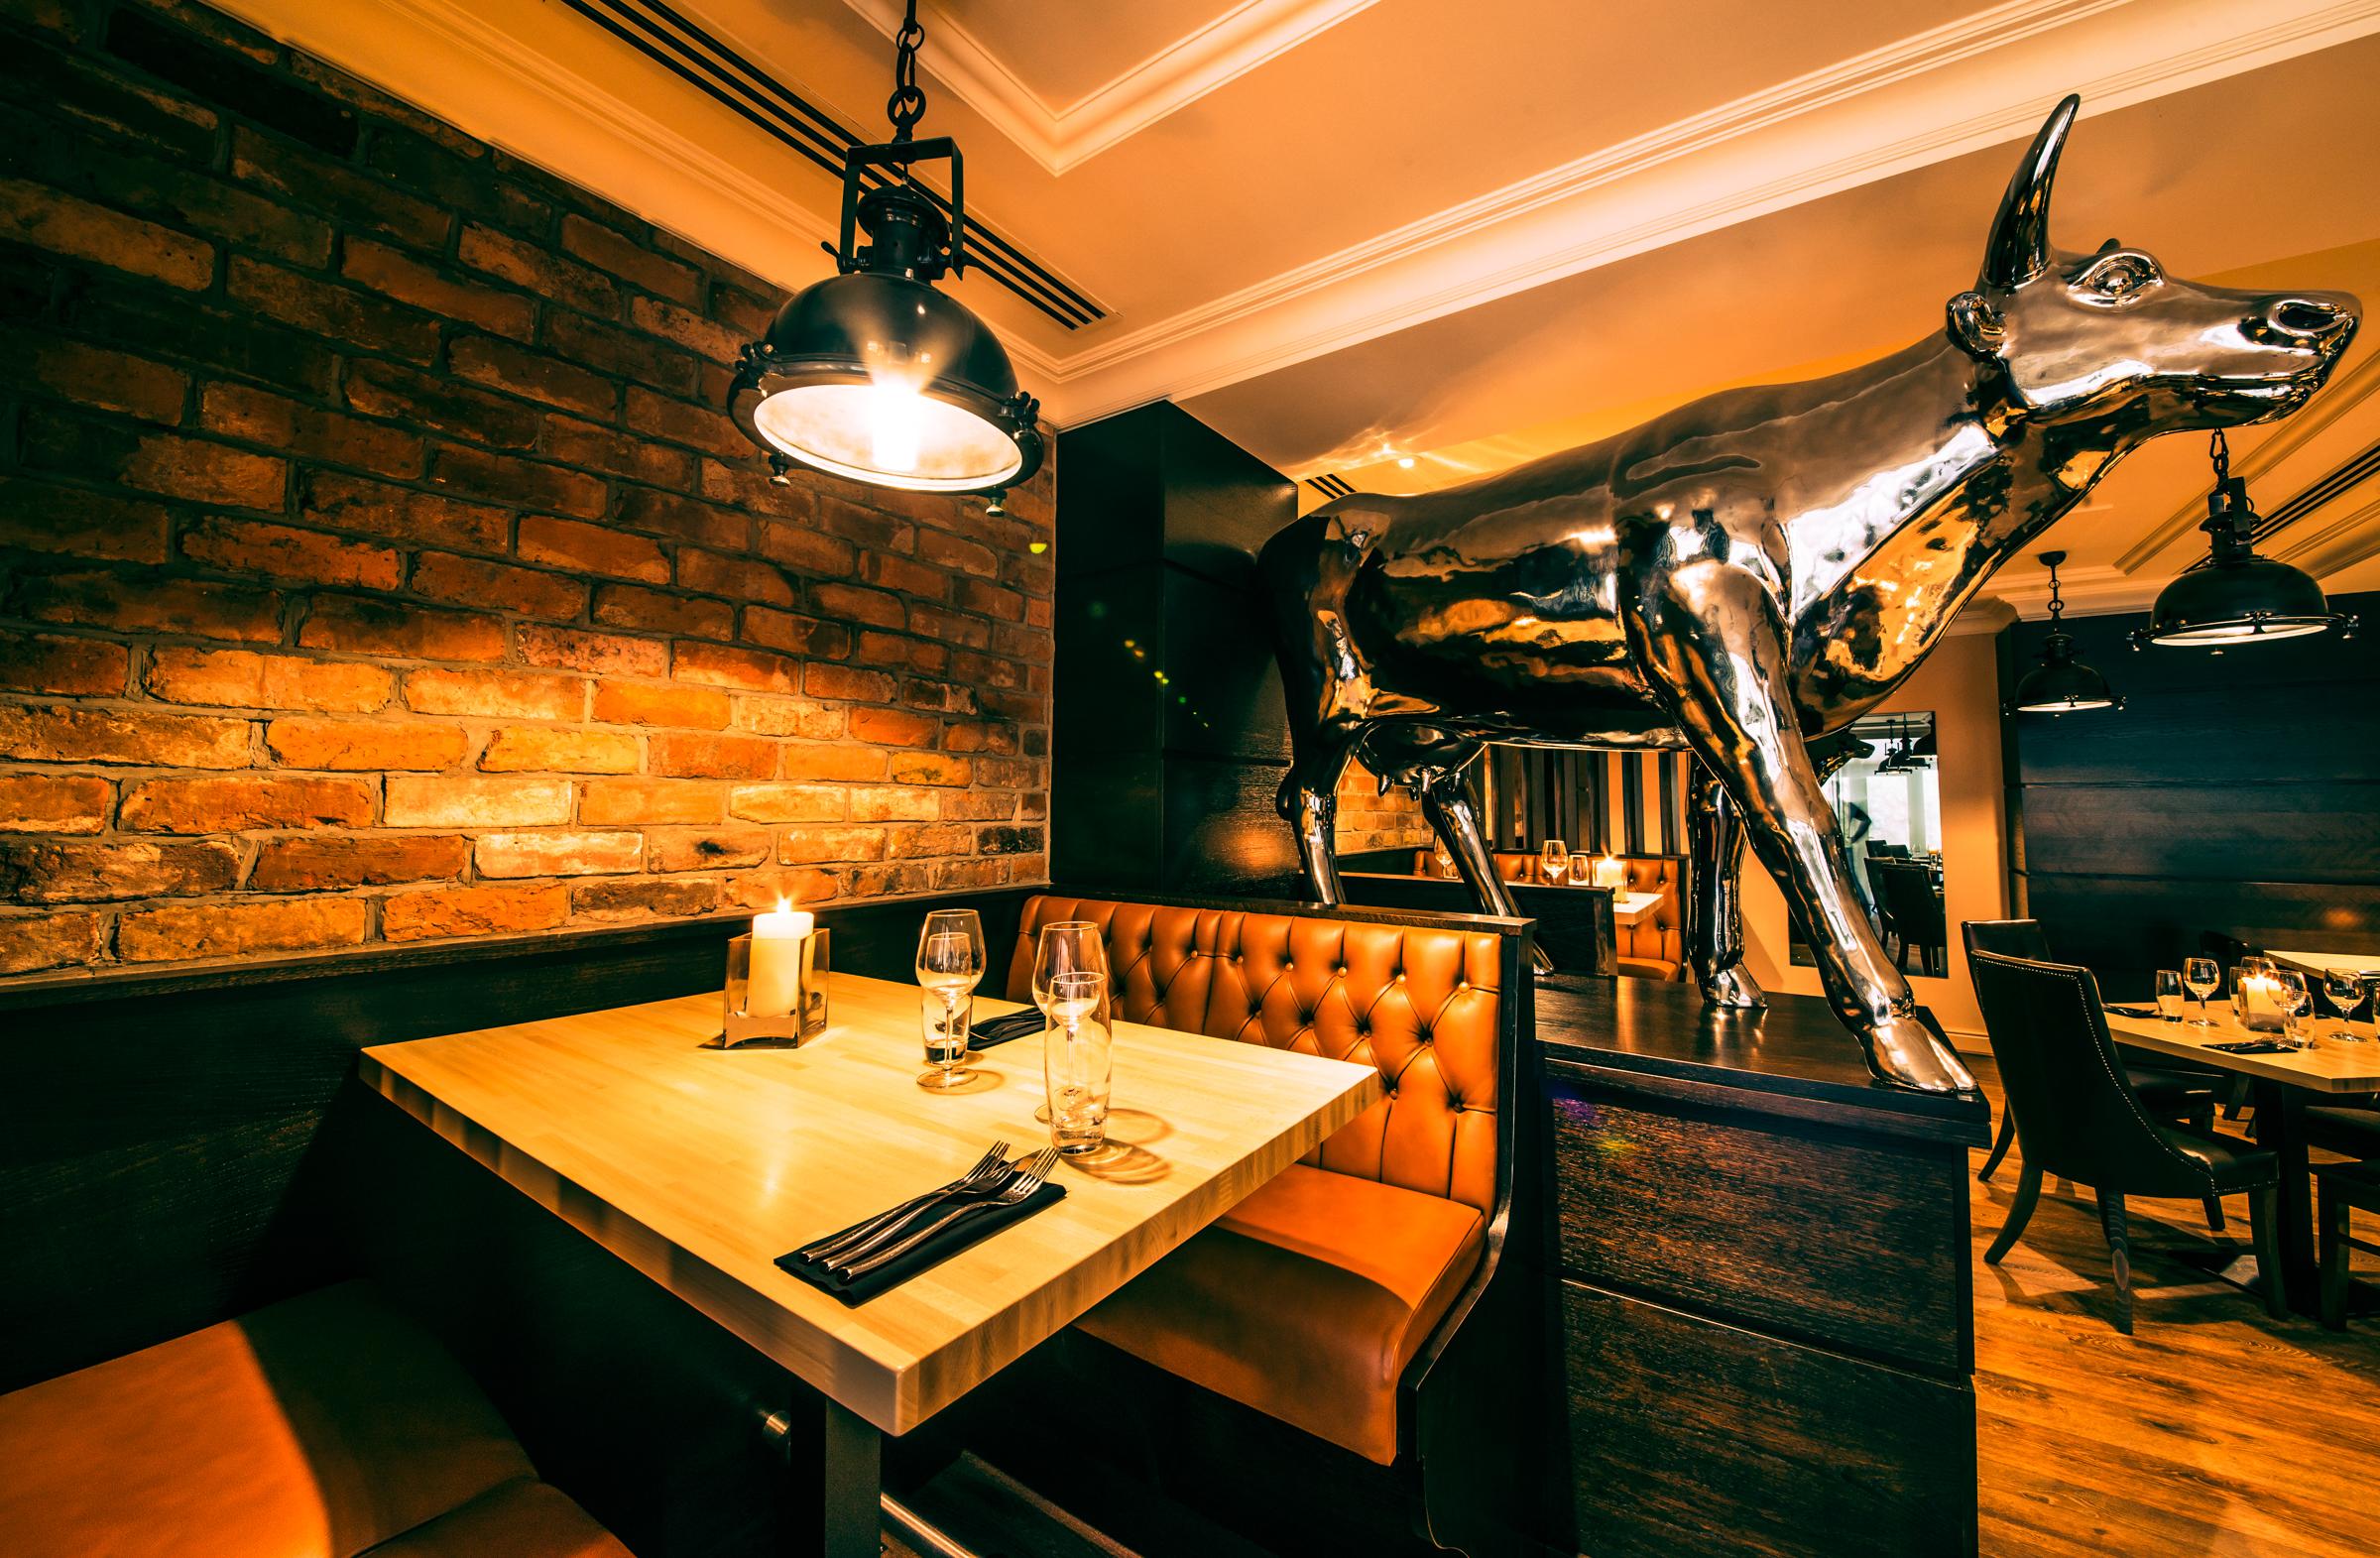 Guernsey Restaurant | Food & Drink In Guernsey | Fermain Valley